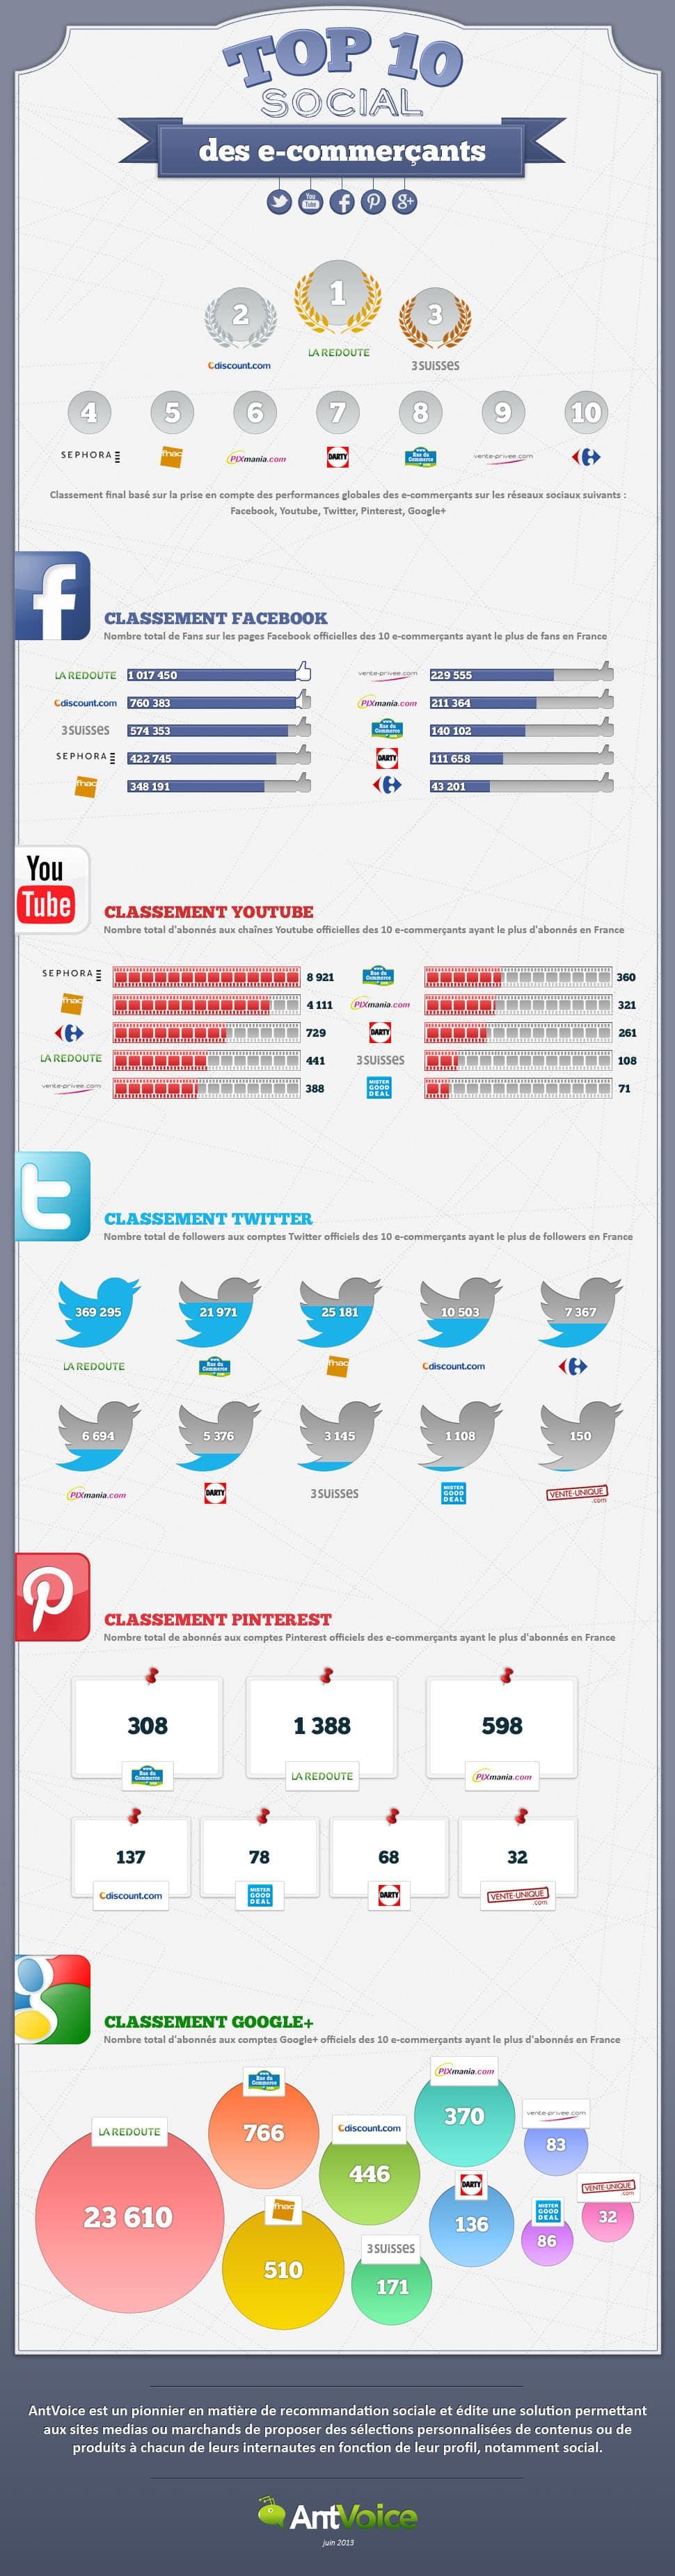 eewee-infographie-Classement-Social-E-commerçants